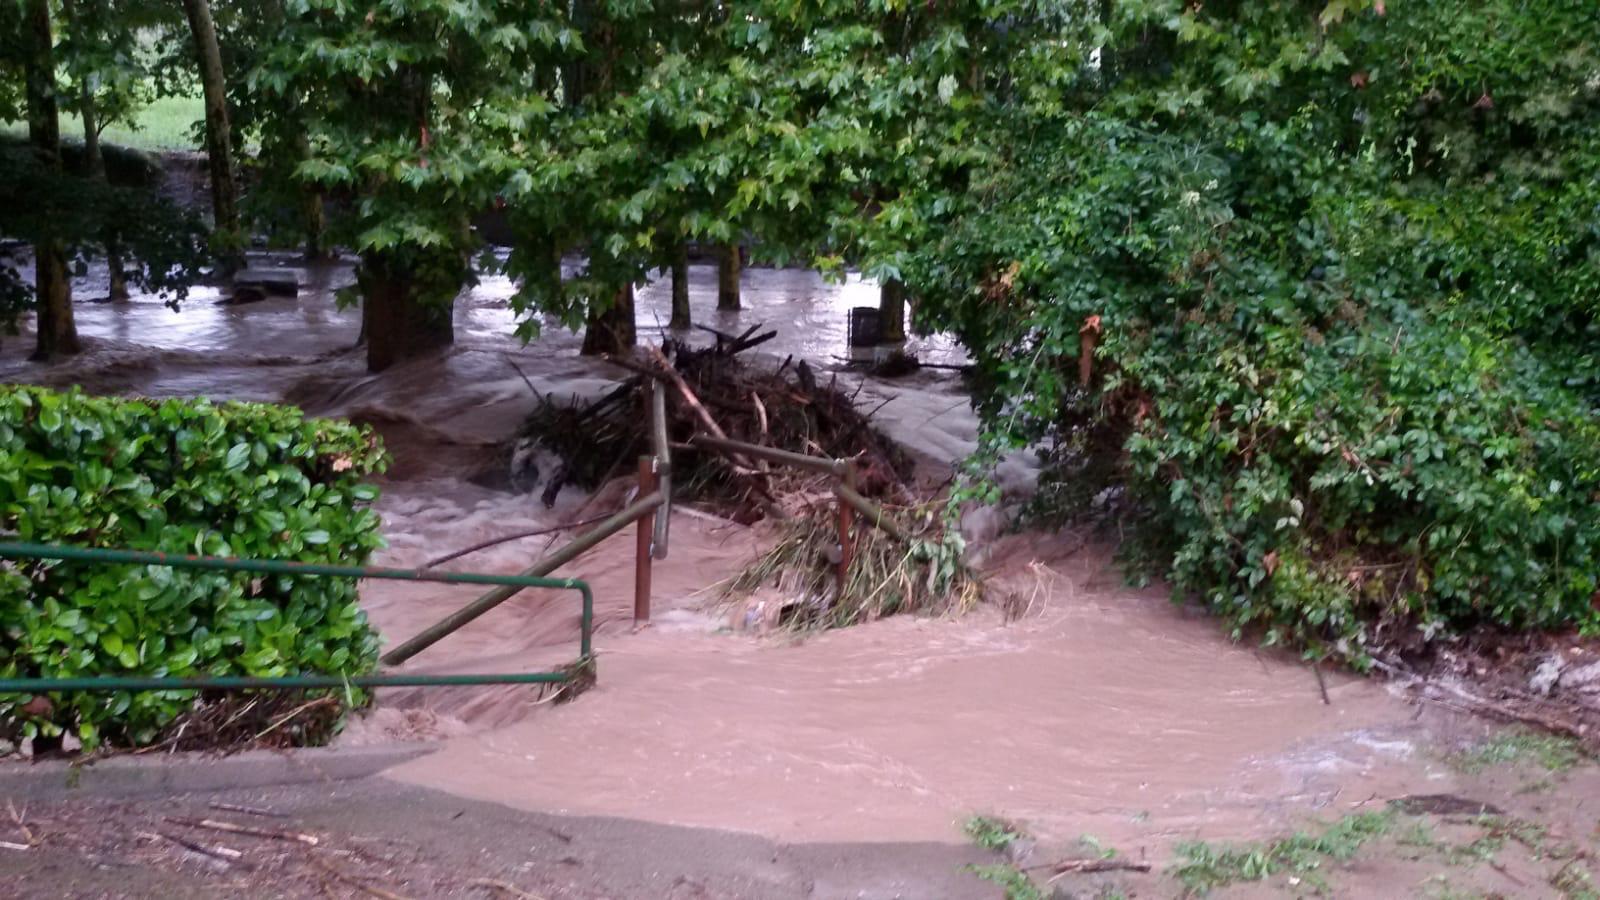 Font d'Espadaler (Sant Quirze de Besora) totalment inundada